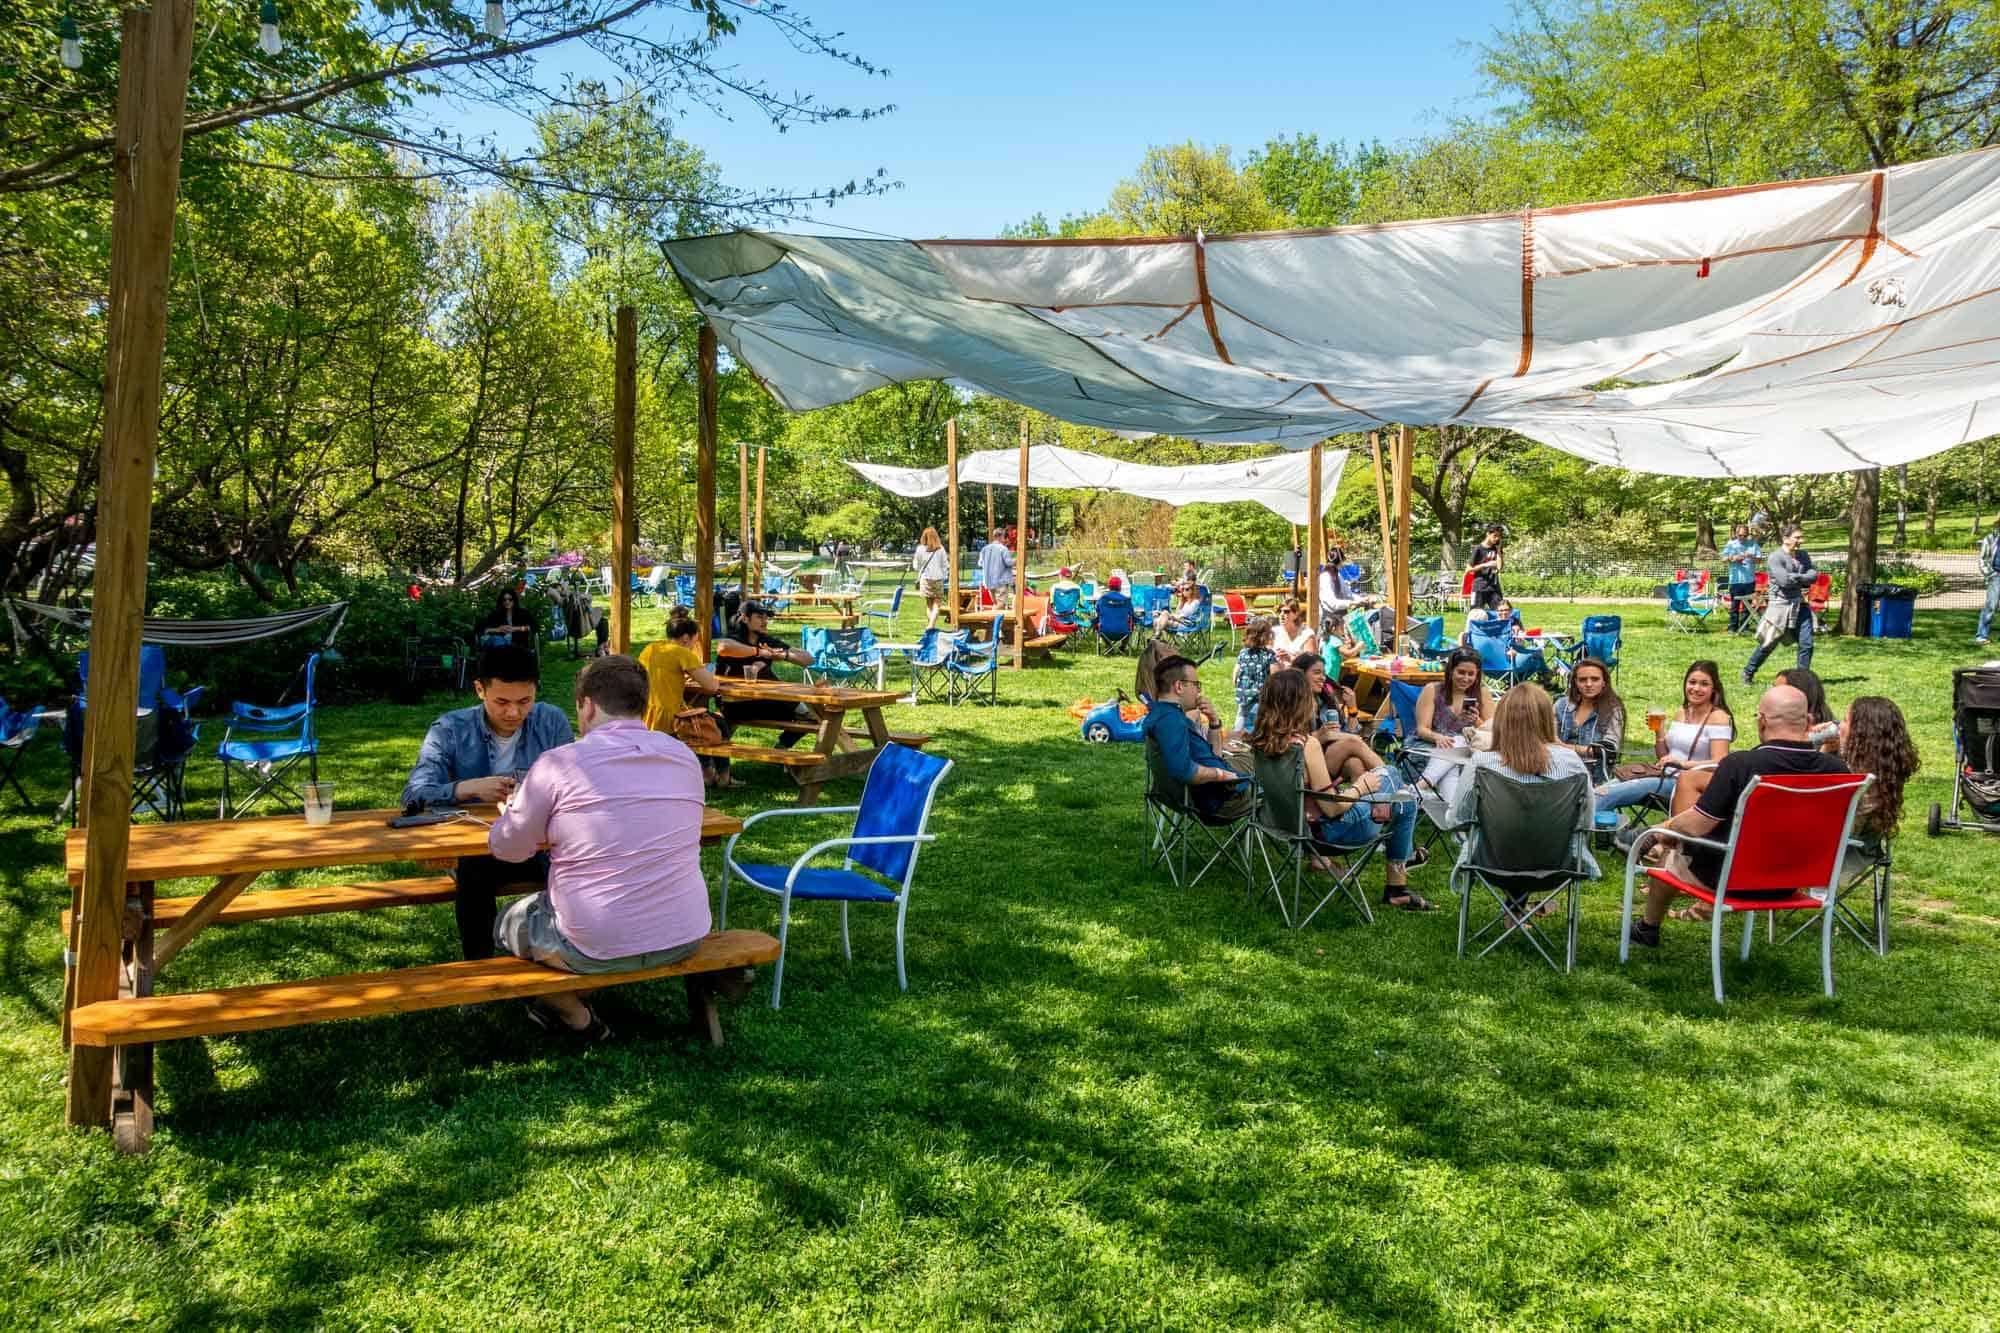 People gathering in outdoor beer garden in park